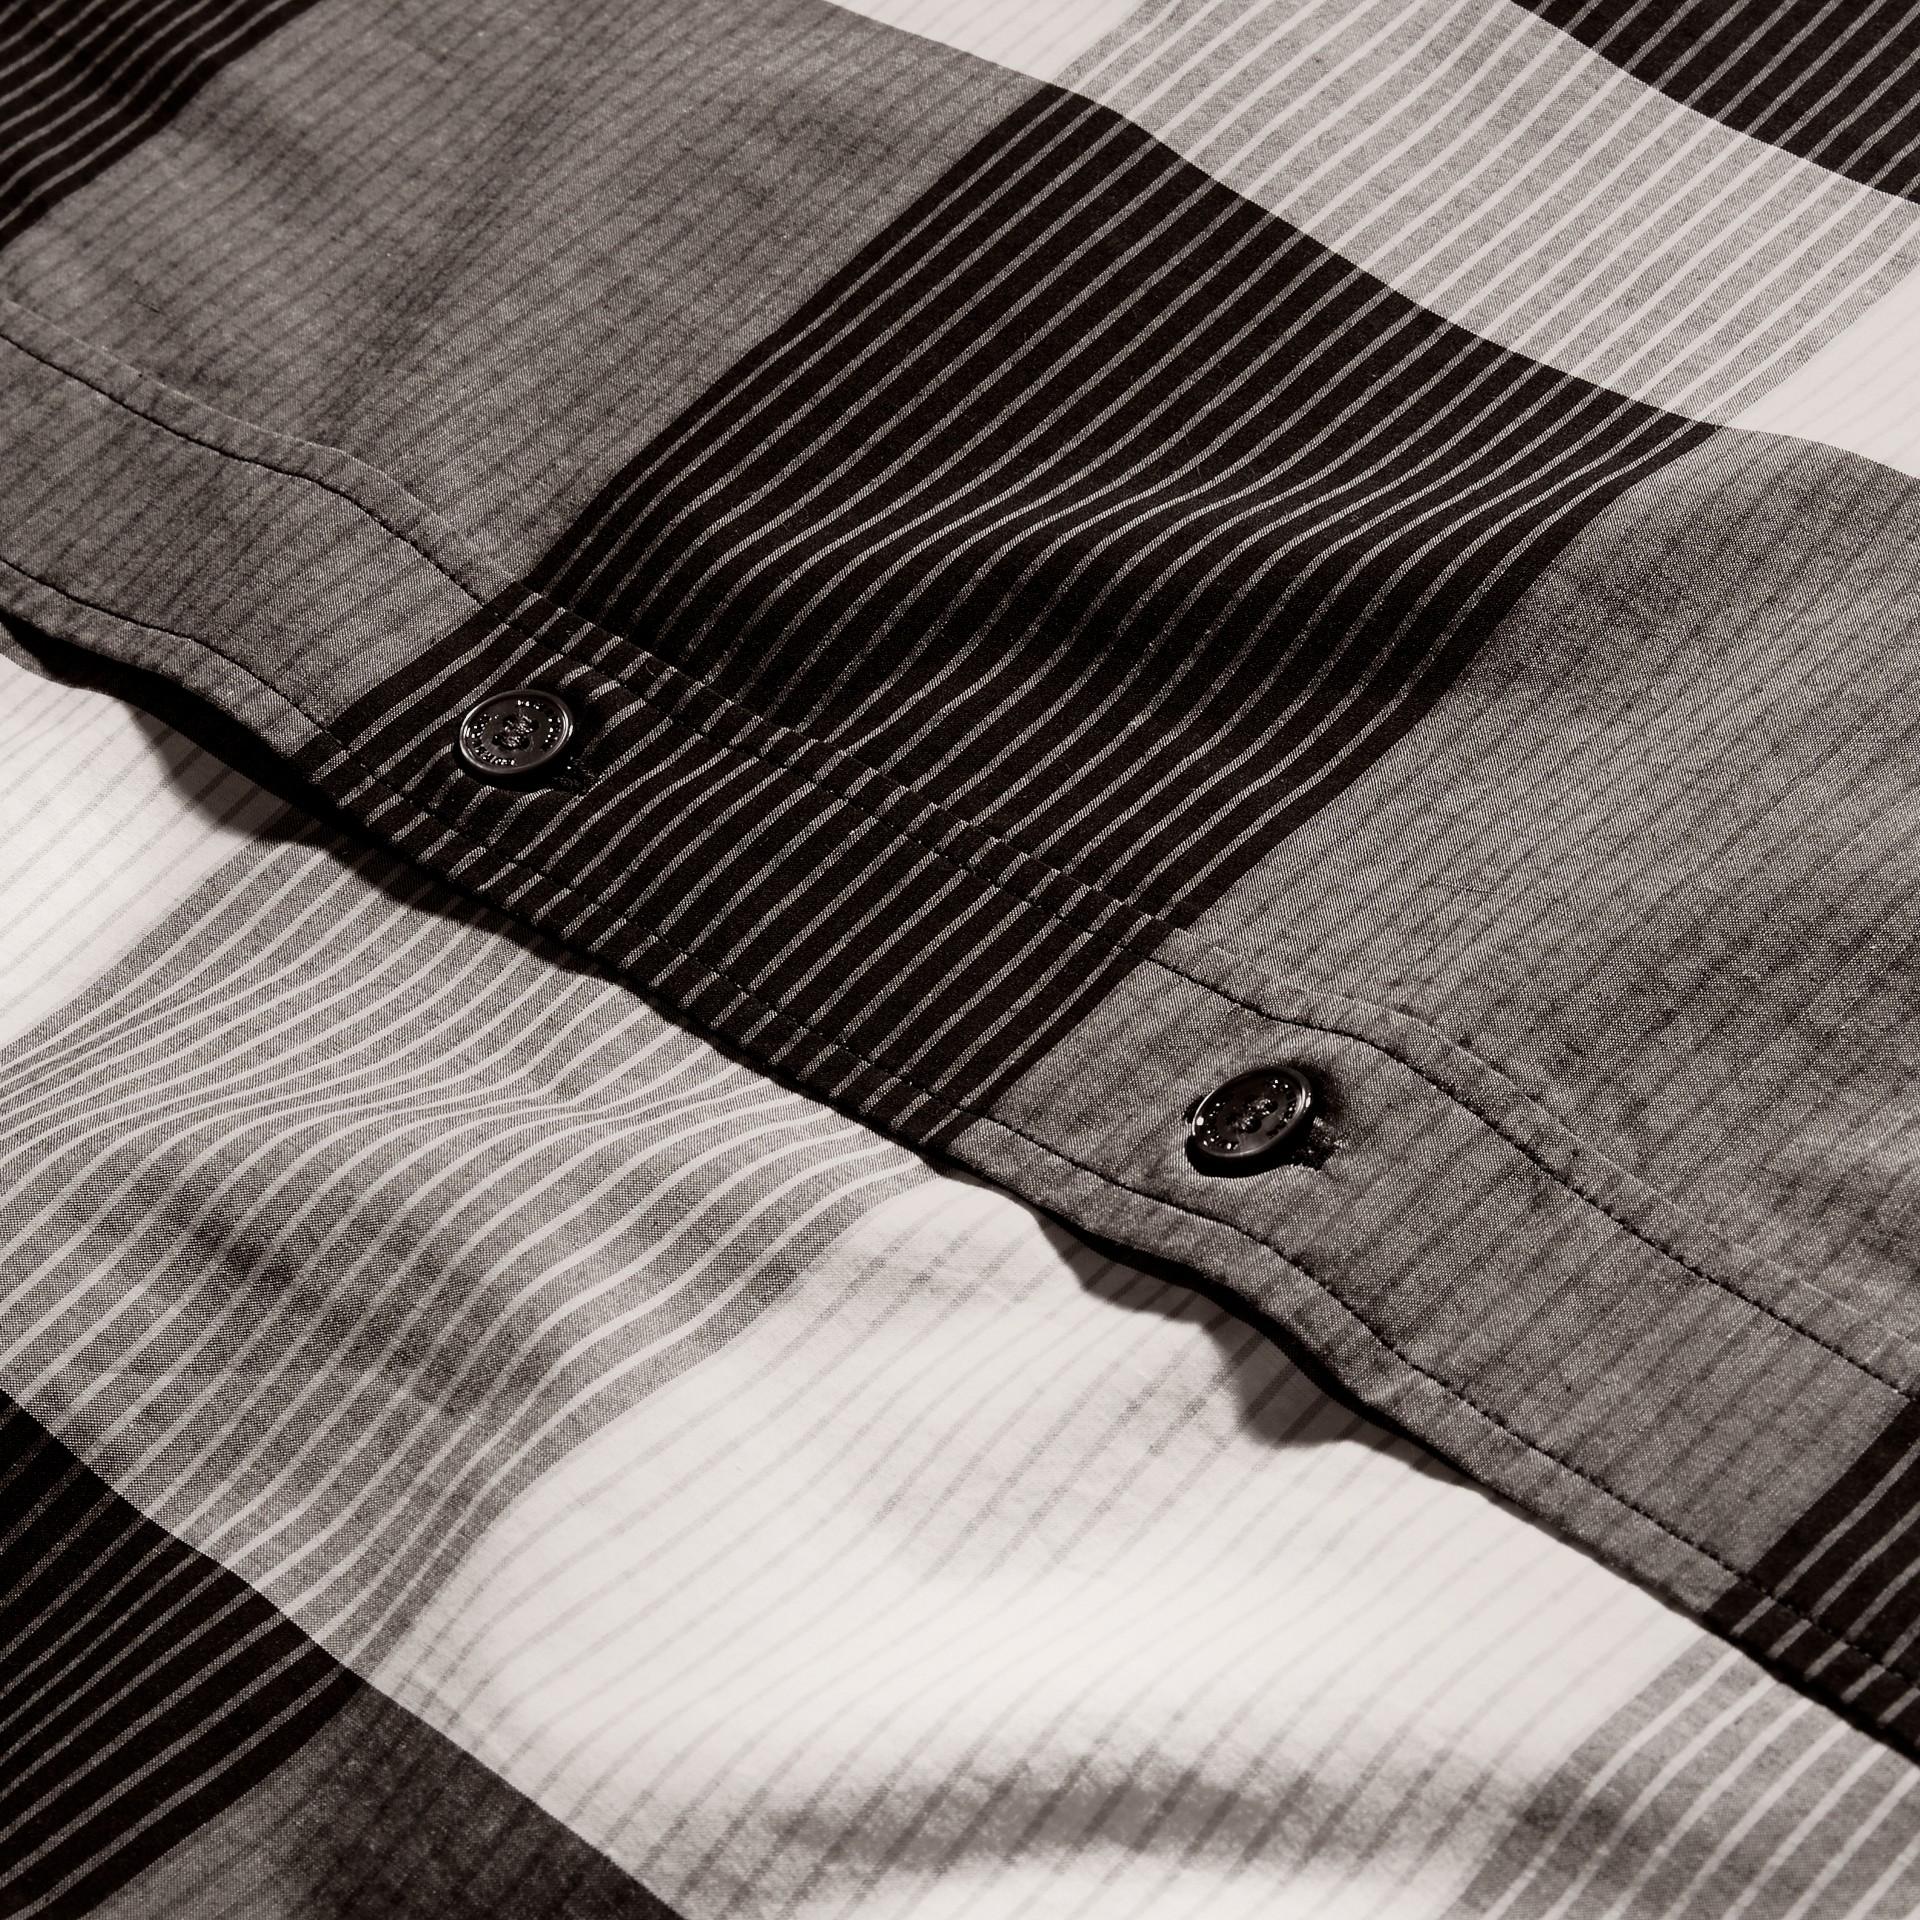 블랙 그래픽 체크 코튼 셔츠 블랙 - 갤러리 이미지 2